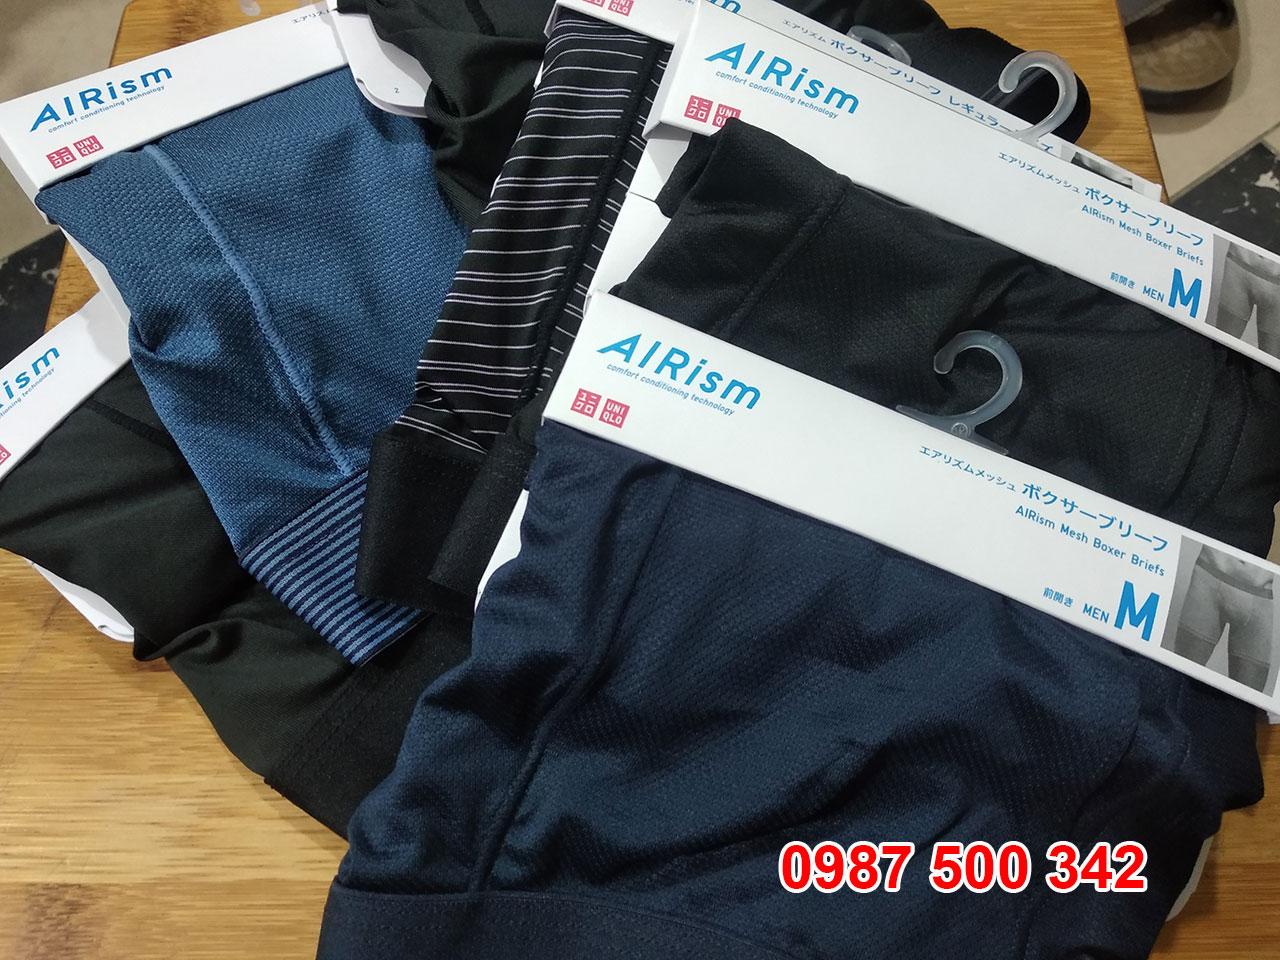 Bảng màu quần lót nam Uniqlo Nhật Bản các màu có sẵn